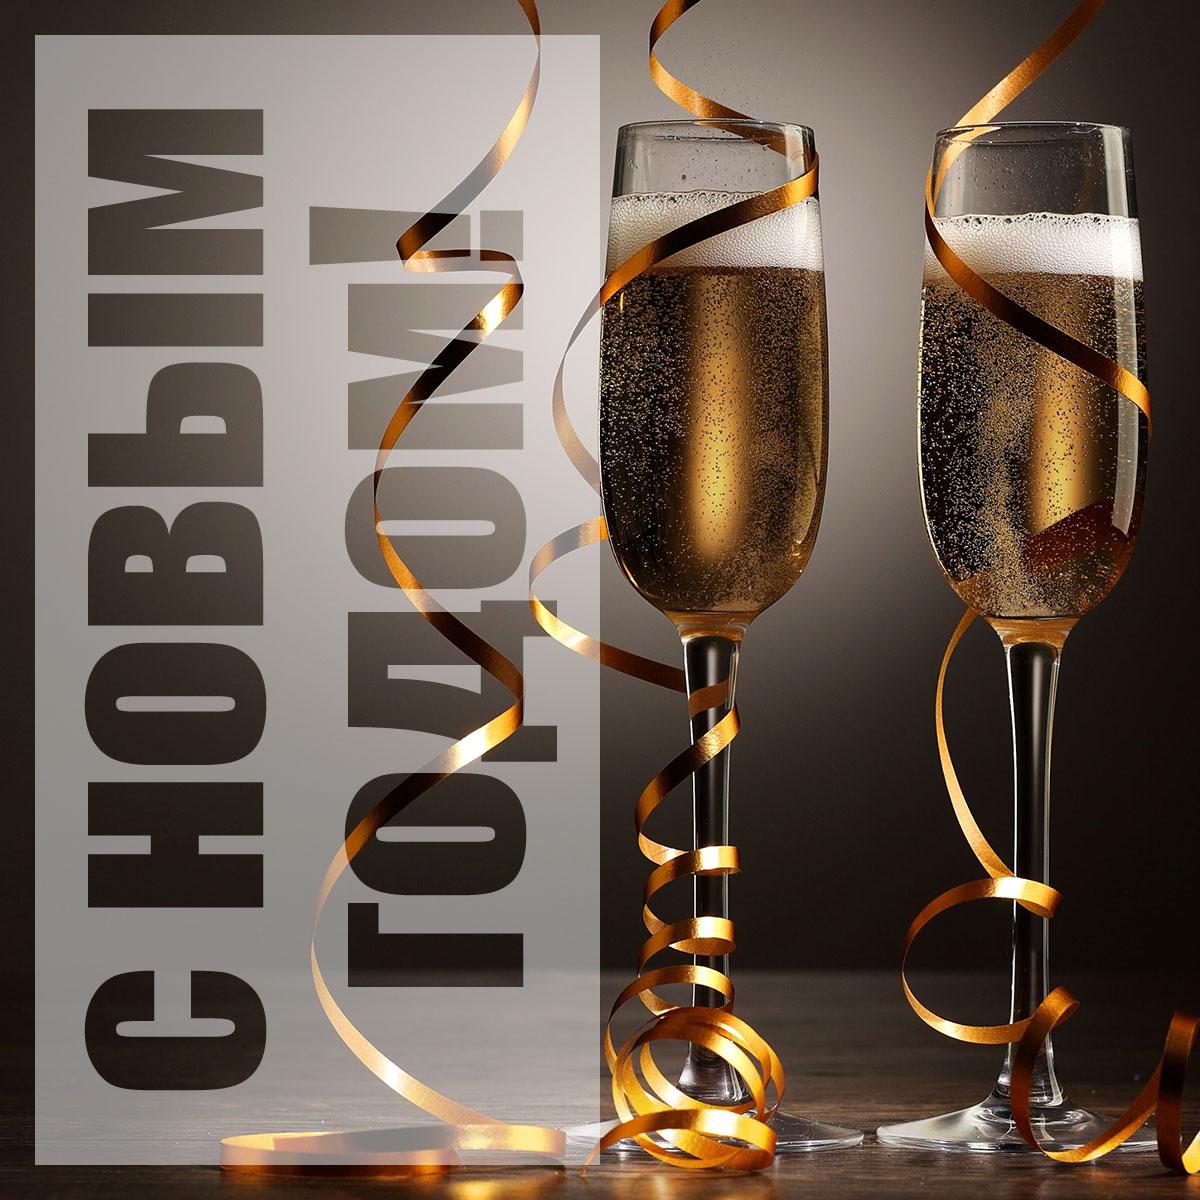 Фотография с надписью под новогодние открытки с двумя бокалами светлого шампанского с золотым серпантином.